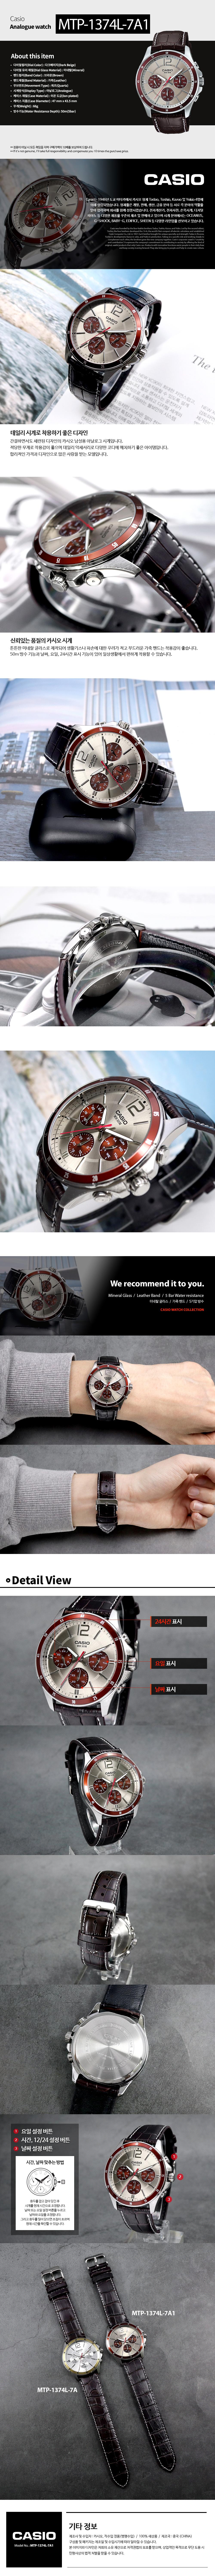 카시오(CASIO) MTP-1374L-7A1 남성 가죽 손목 시계